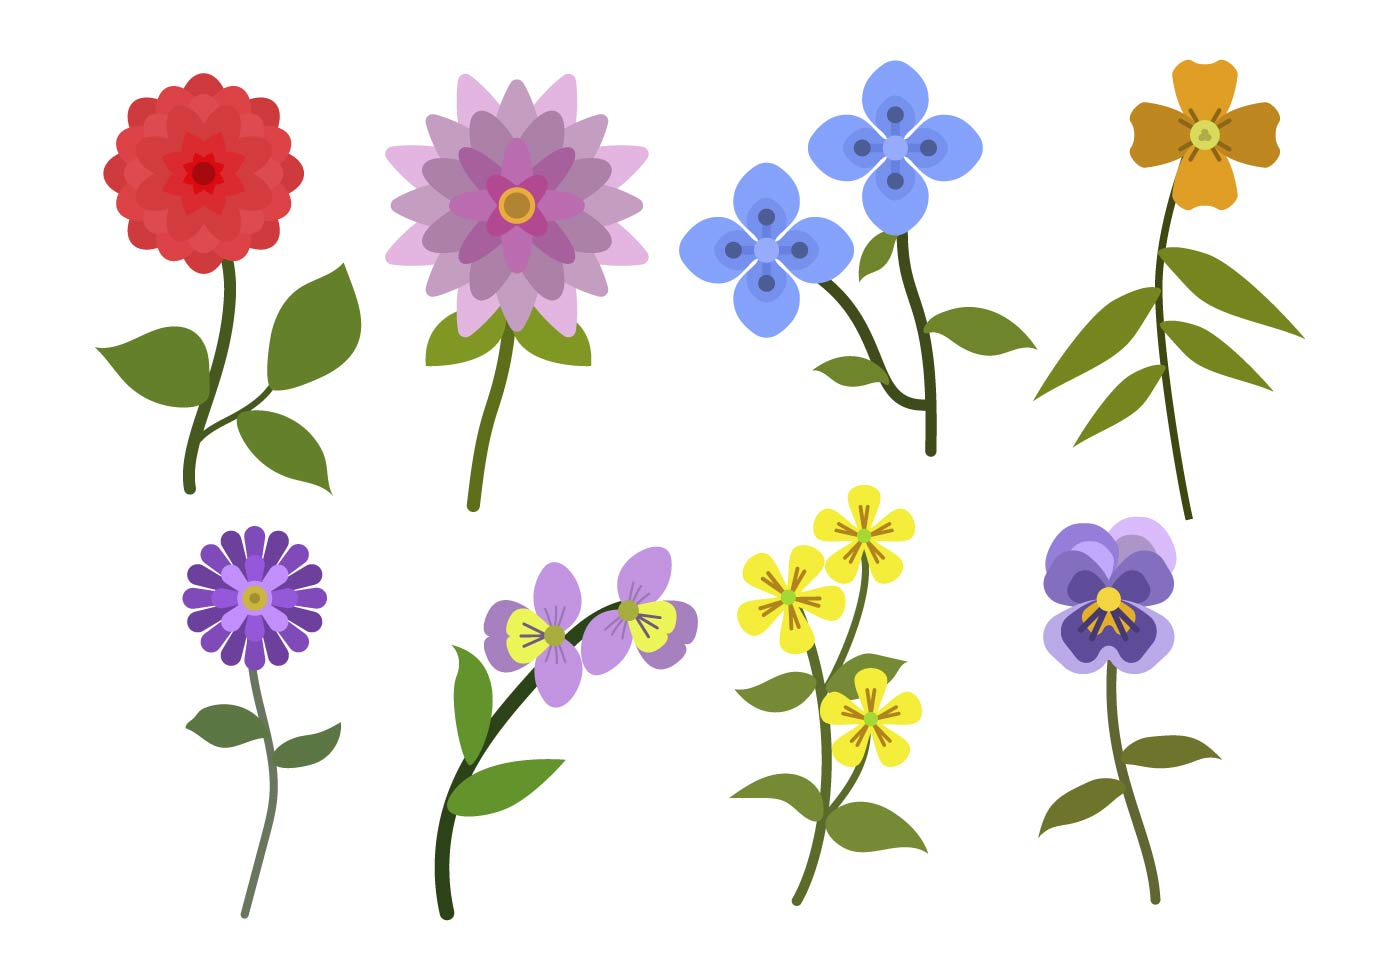 Flat Flower Vectors - Download Free Vector Art, Stock ...